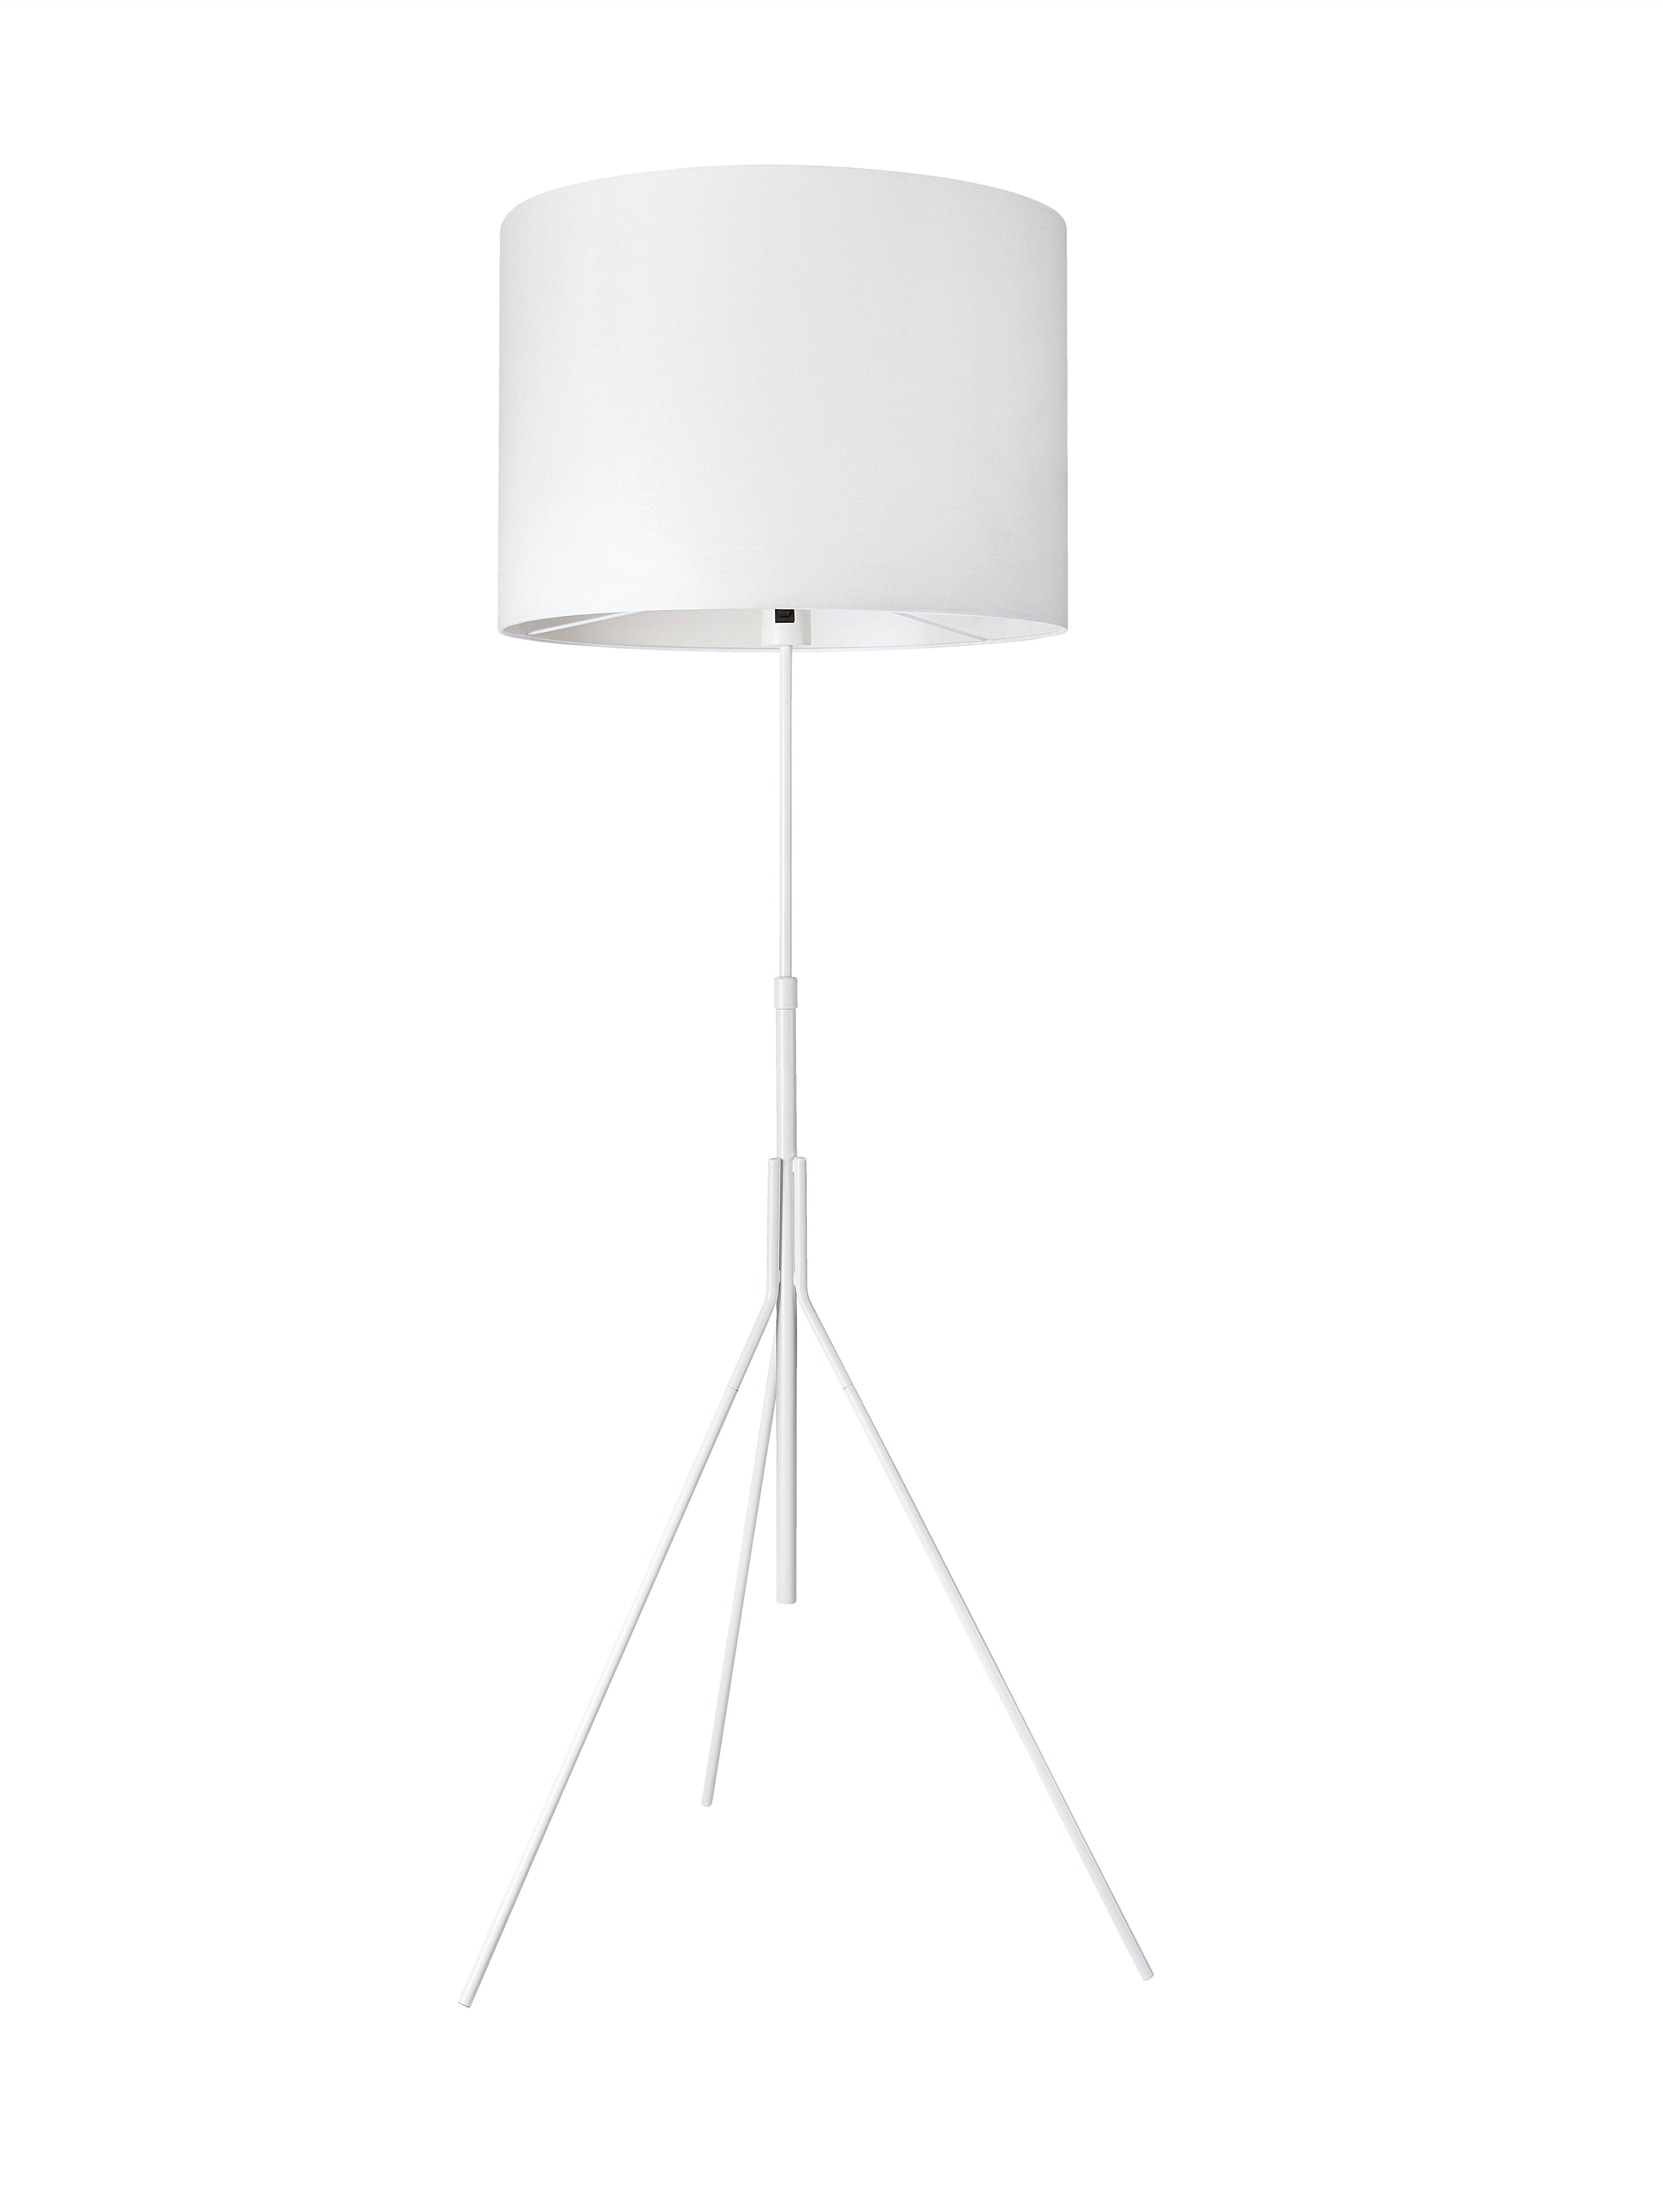 Résultat Supérieur 60 Beau Lampe Chevet Design graphie 2018